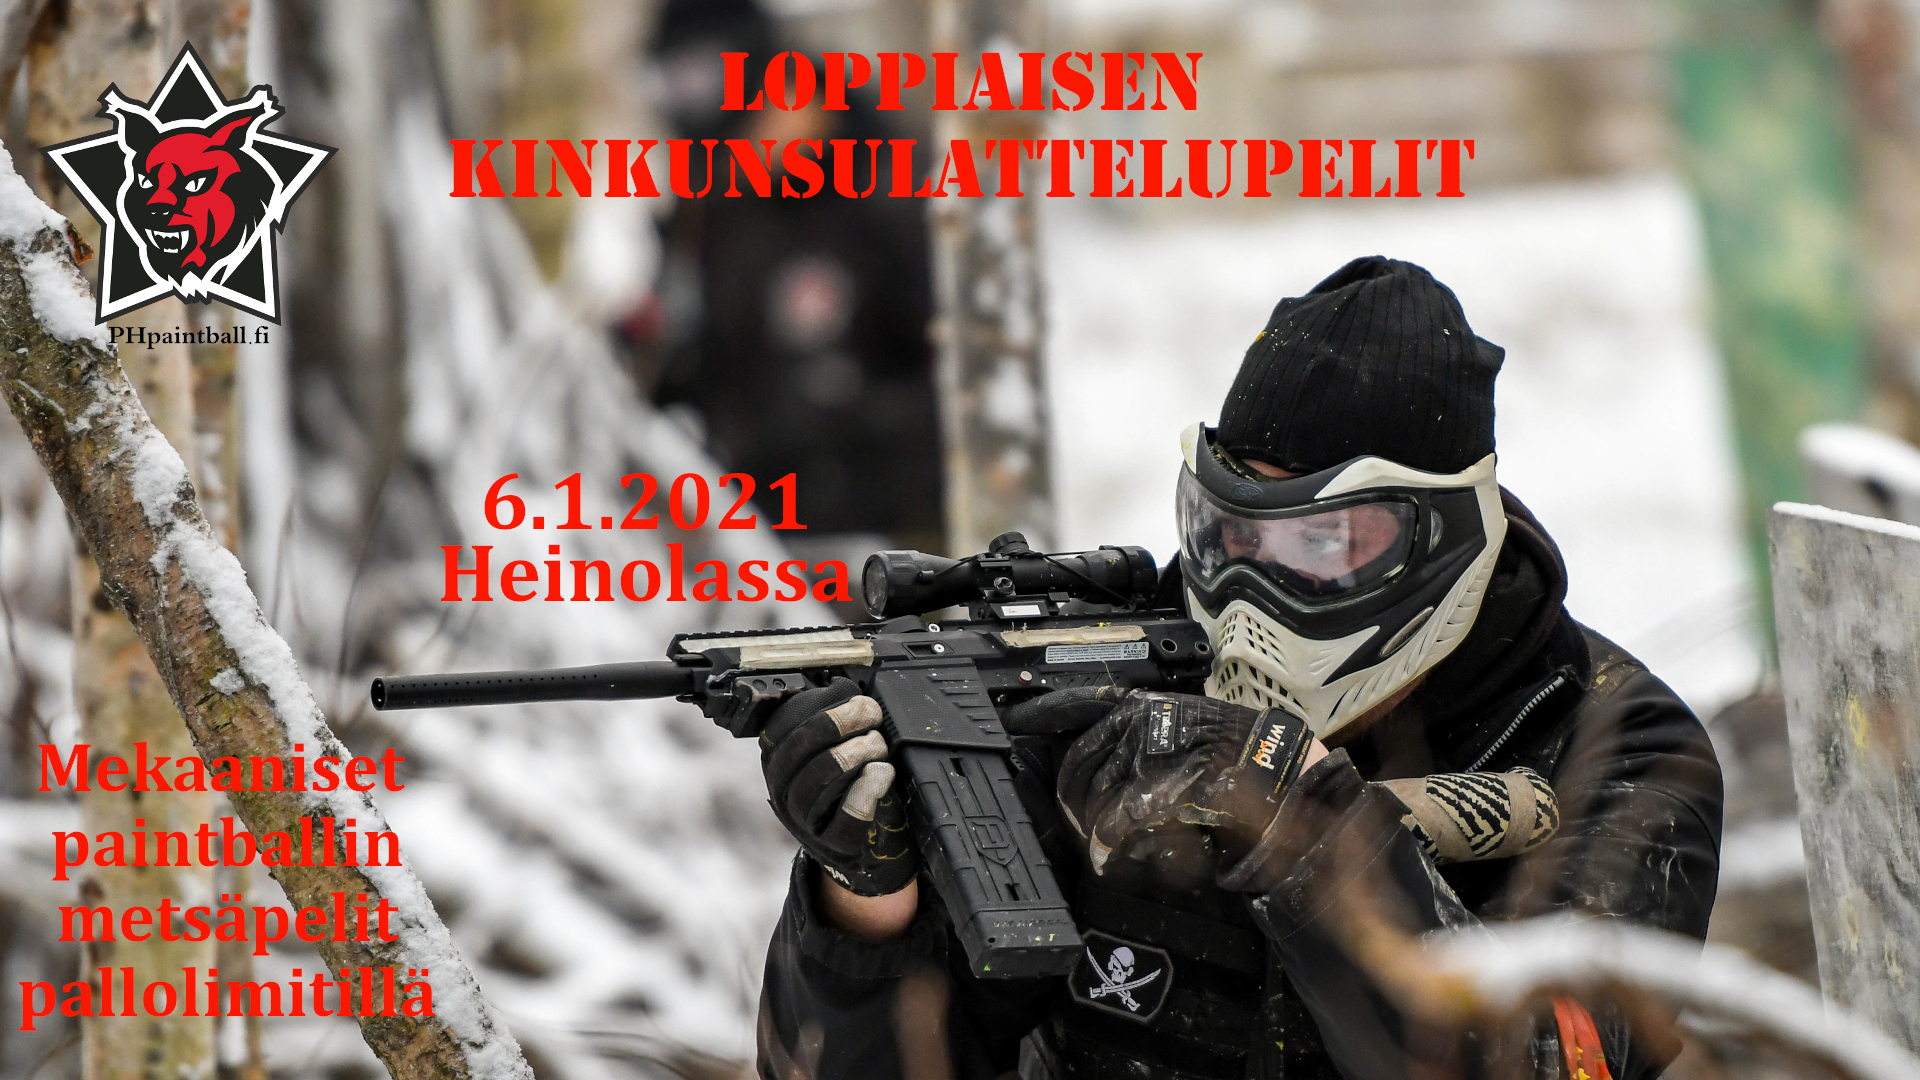 ph_loppiaisen_kinkunsulattelupelit_2021.jpg